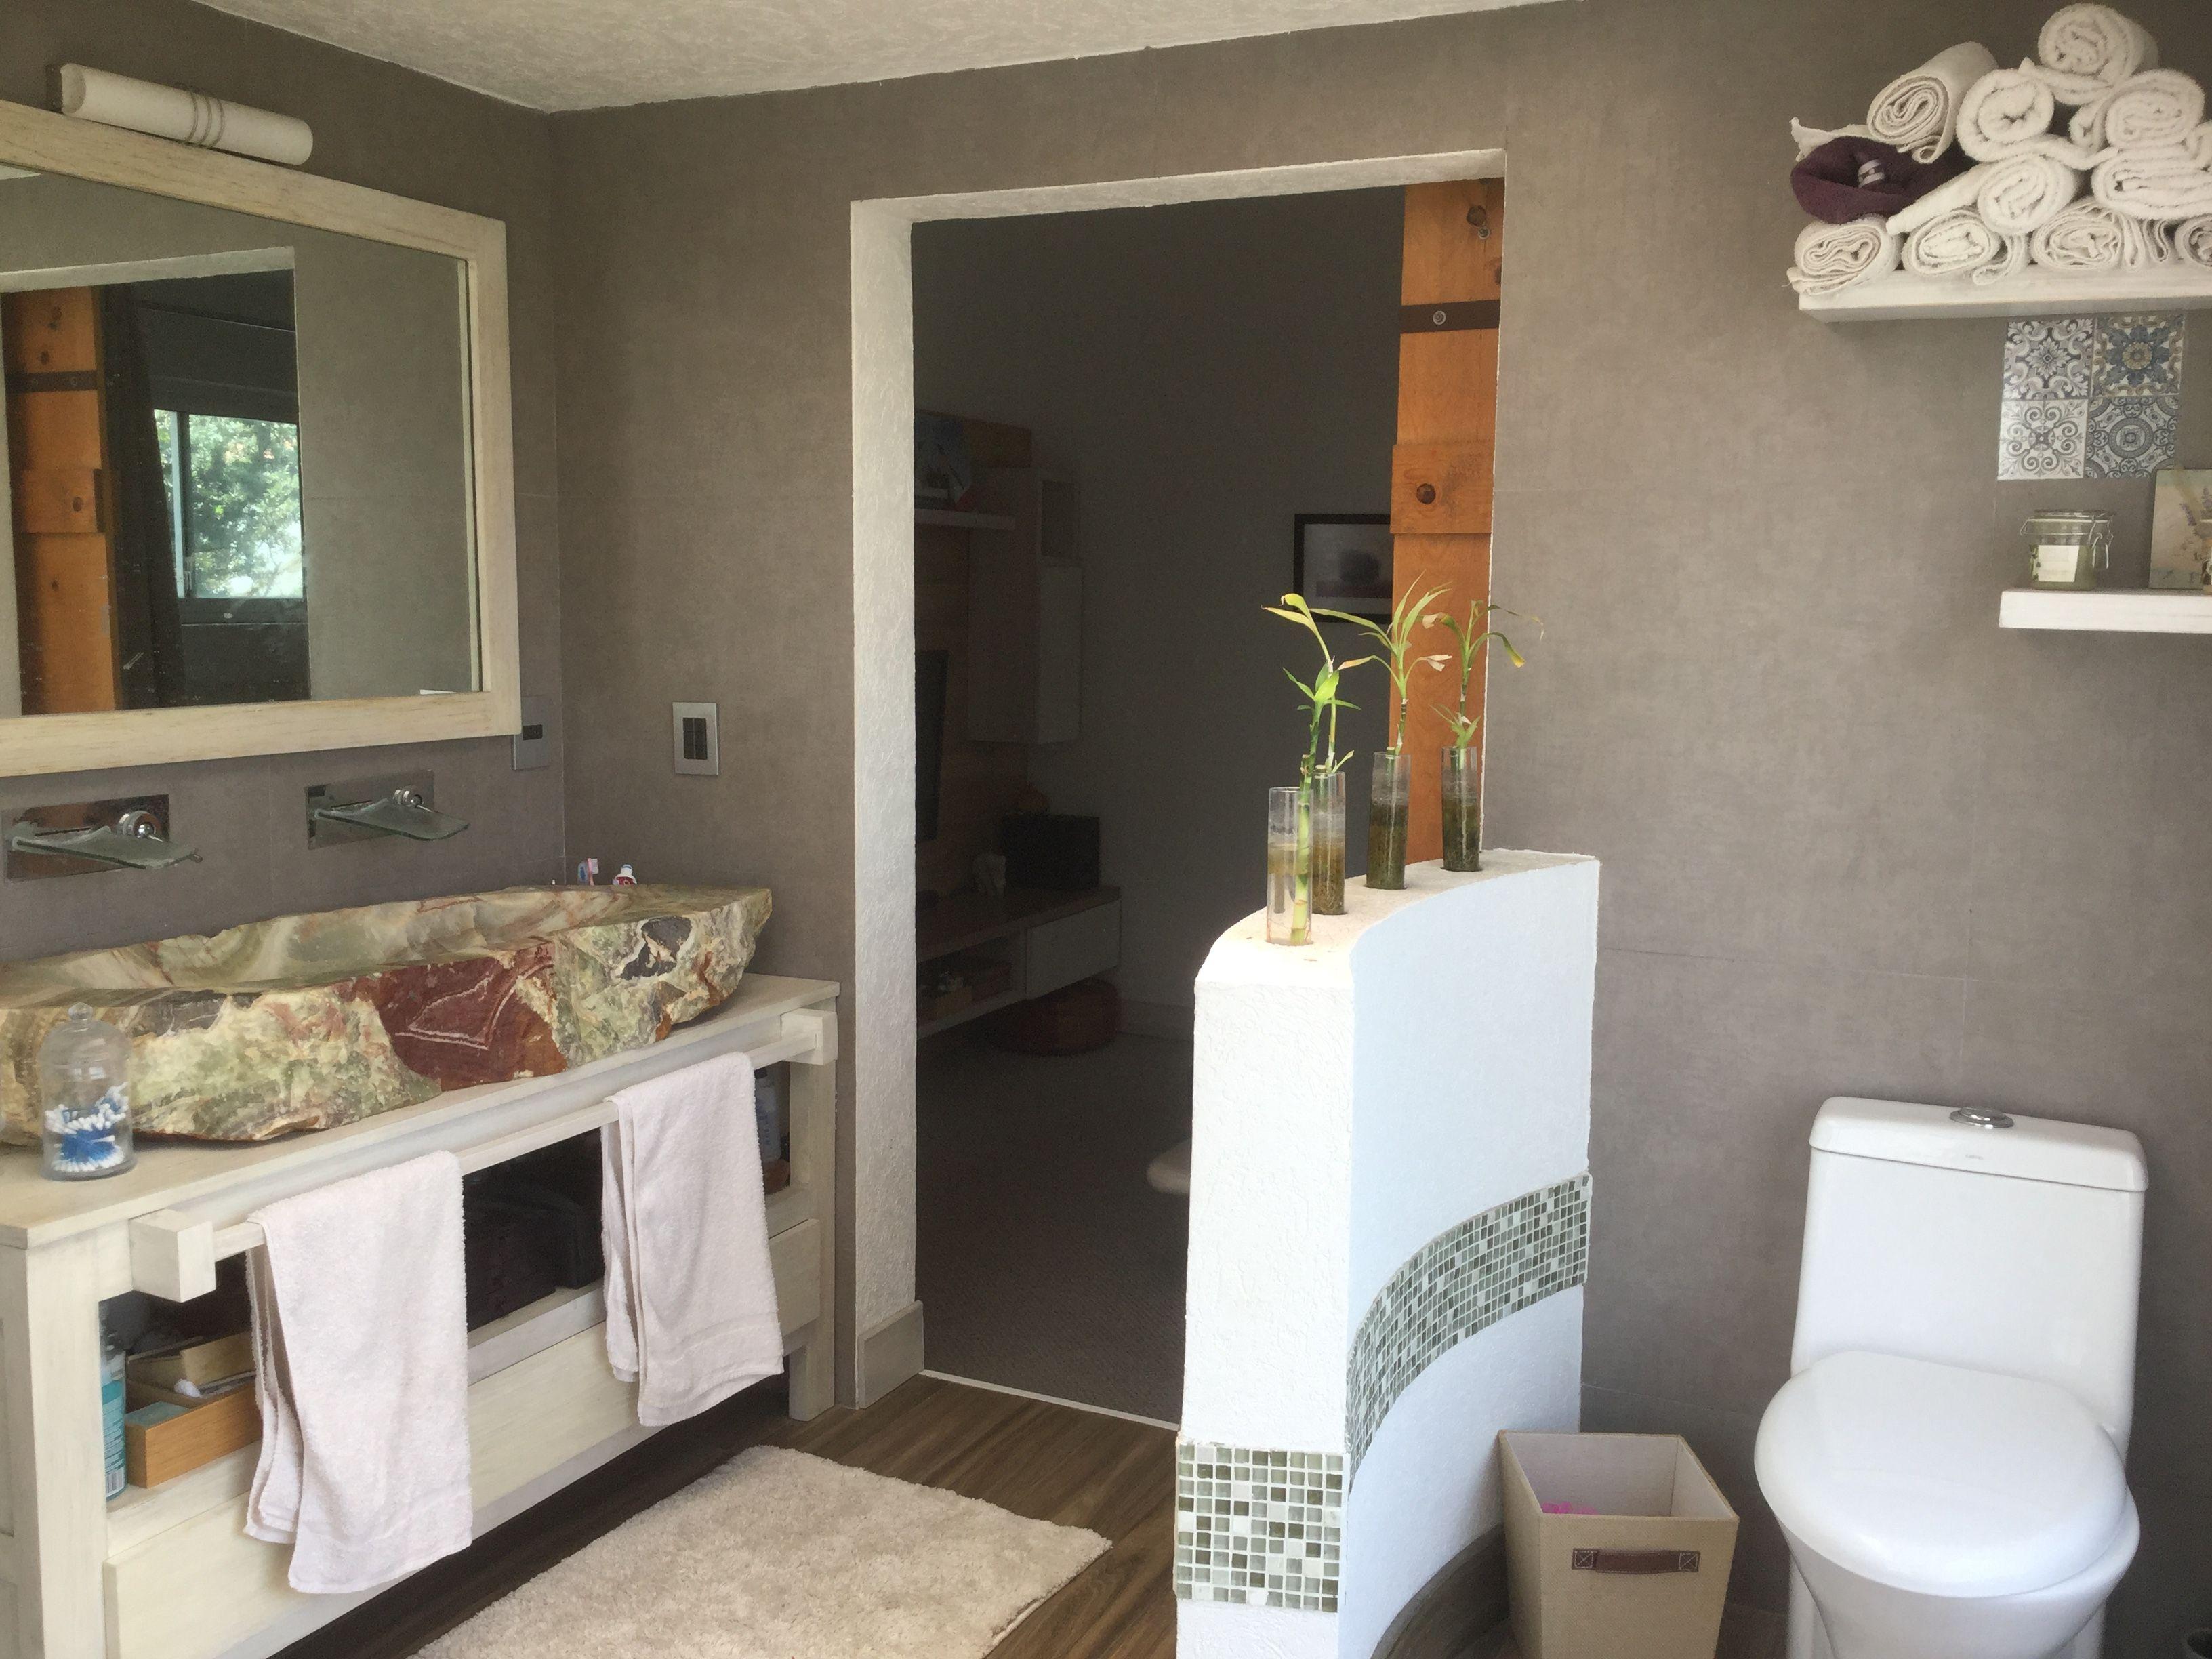 Magasin Salle De Bain Muret ~ muret salle de bain top une verrire sur muret pour faire la